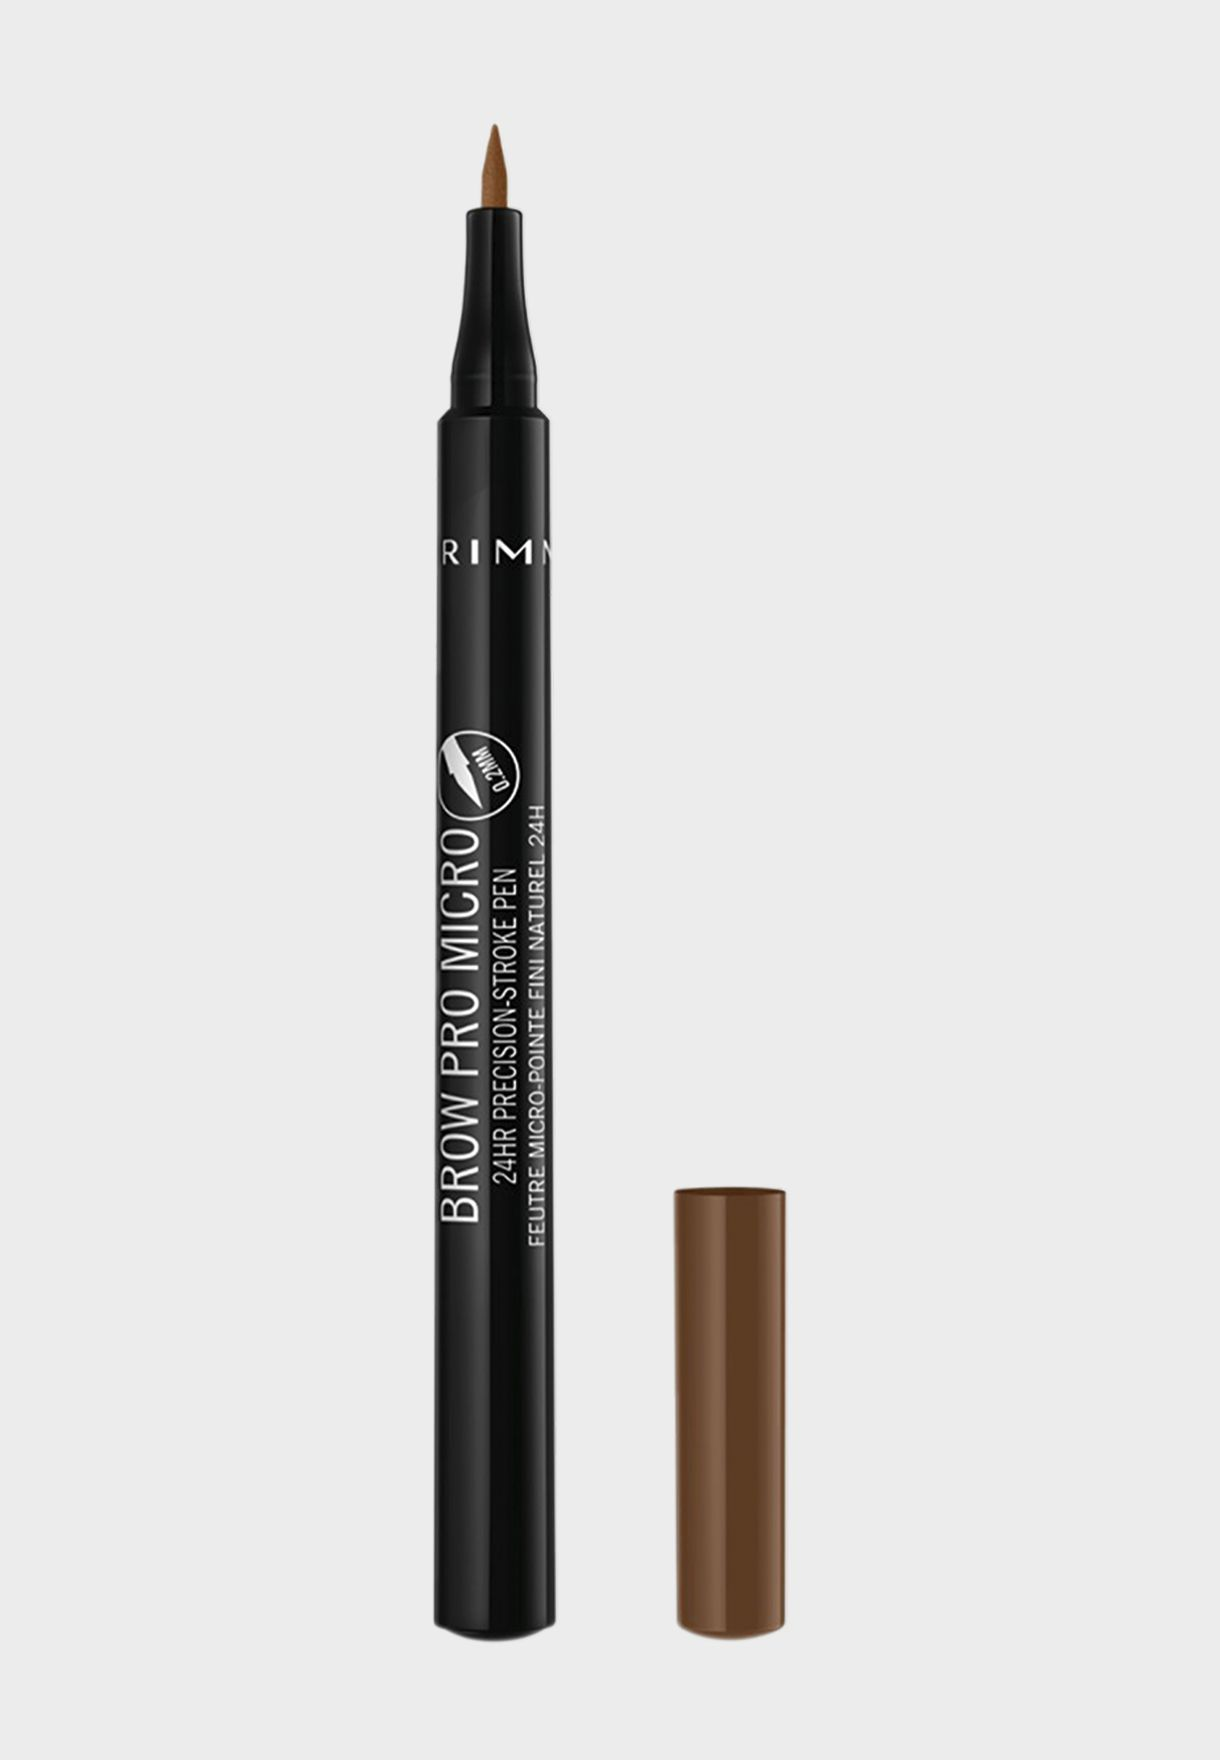 قلم الحواجب براو برو مايكرو 24 آورز 002 هوني براون